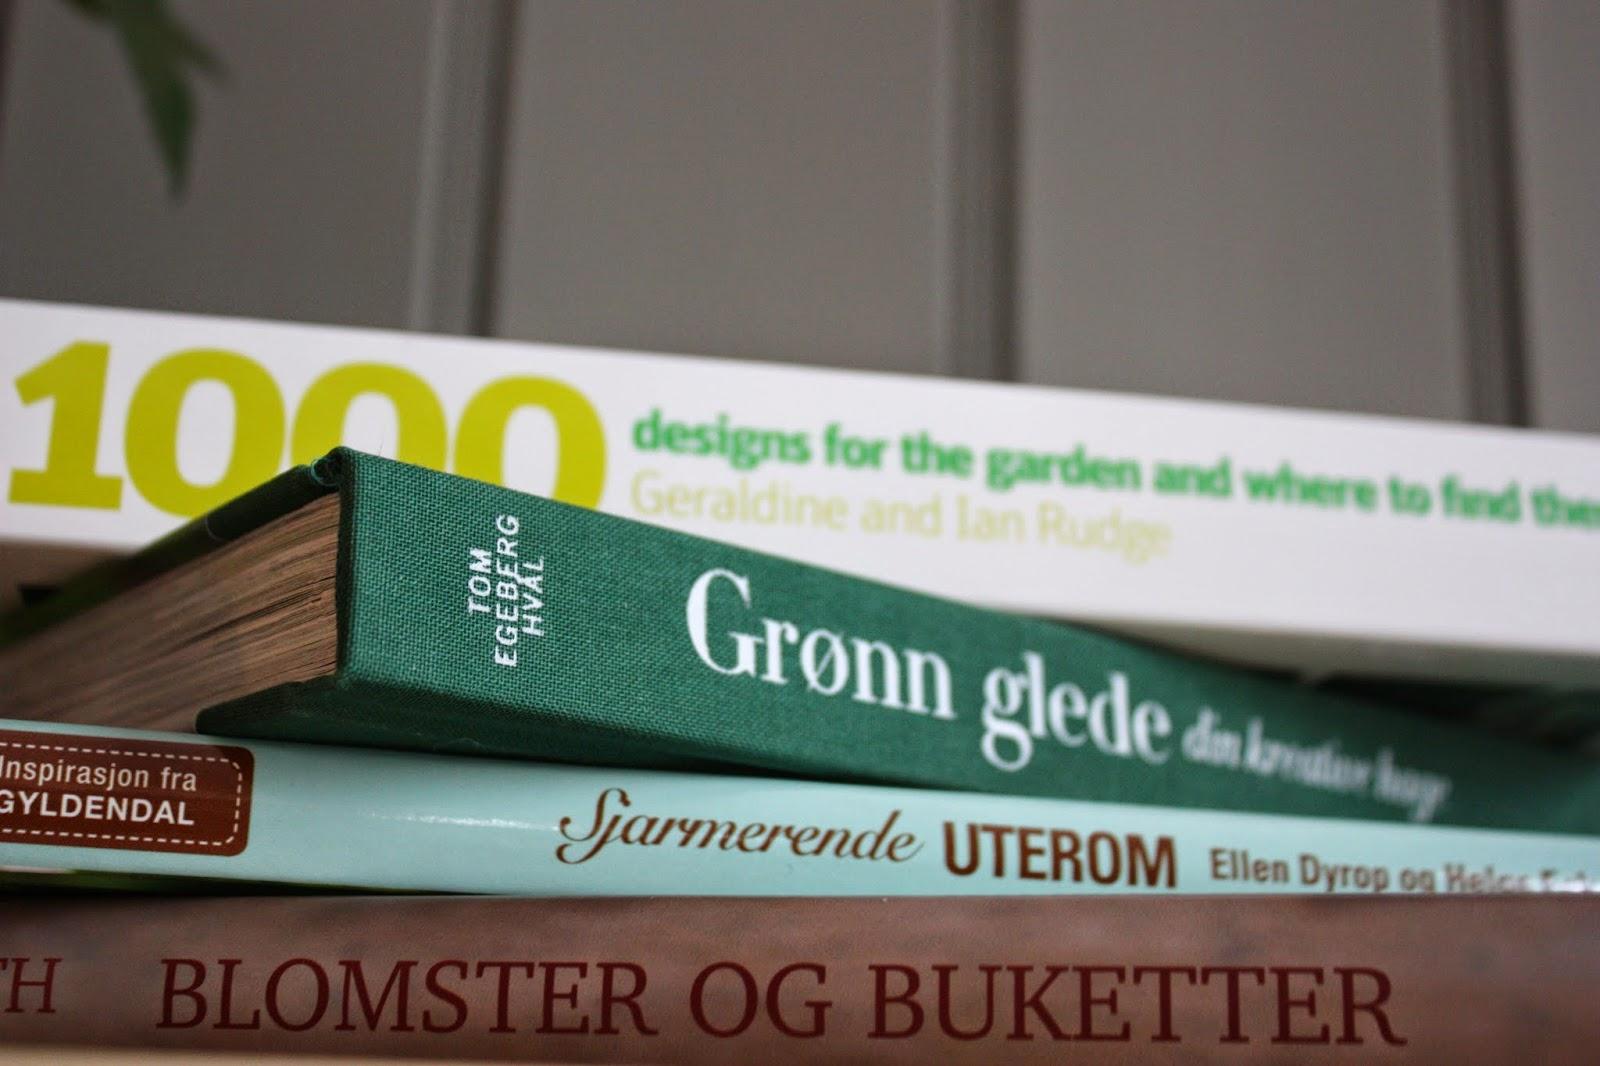 VåRLI Nye hageboker i bokhylla